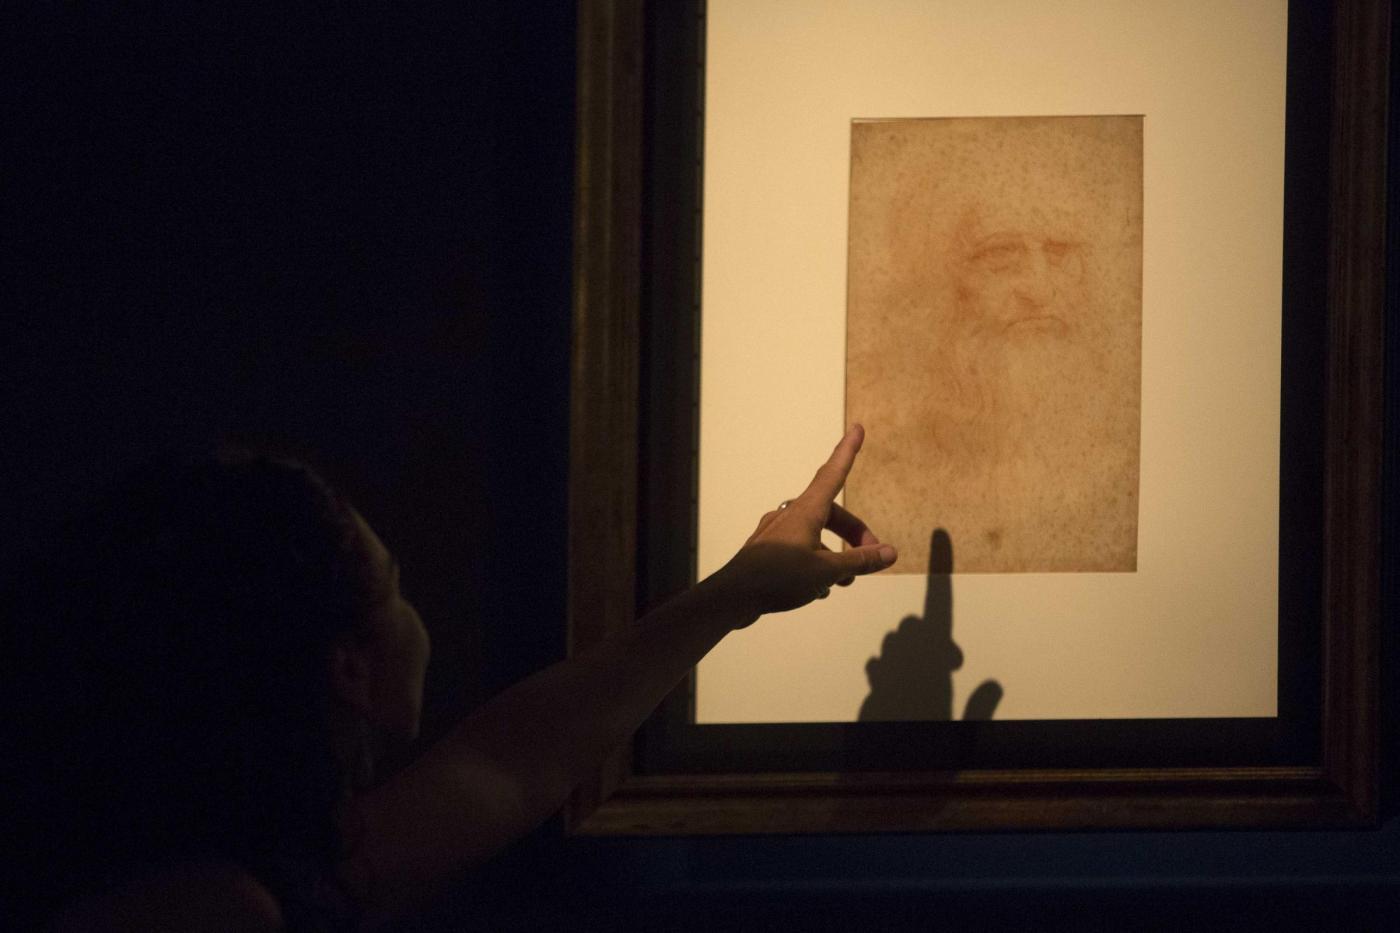 Leonardo da Vinci: svelati i 35 discendenti, tra loro anche Franco Zeffirelli